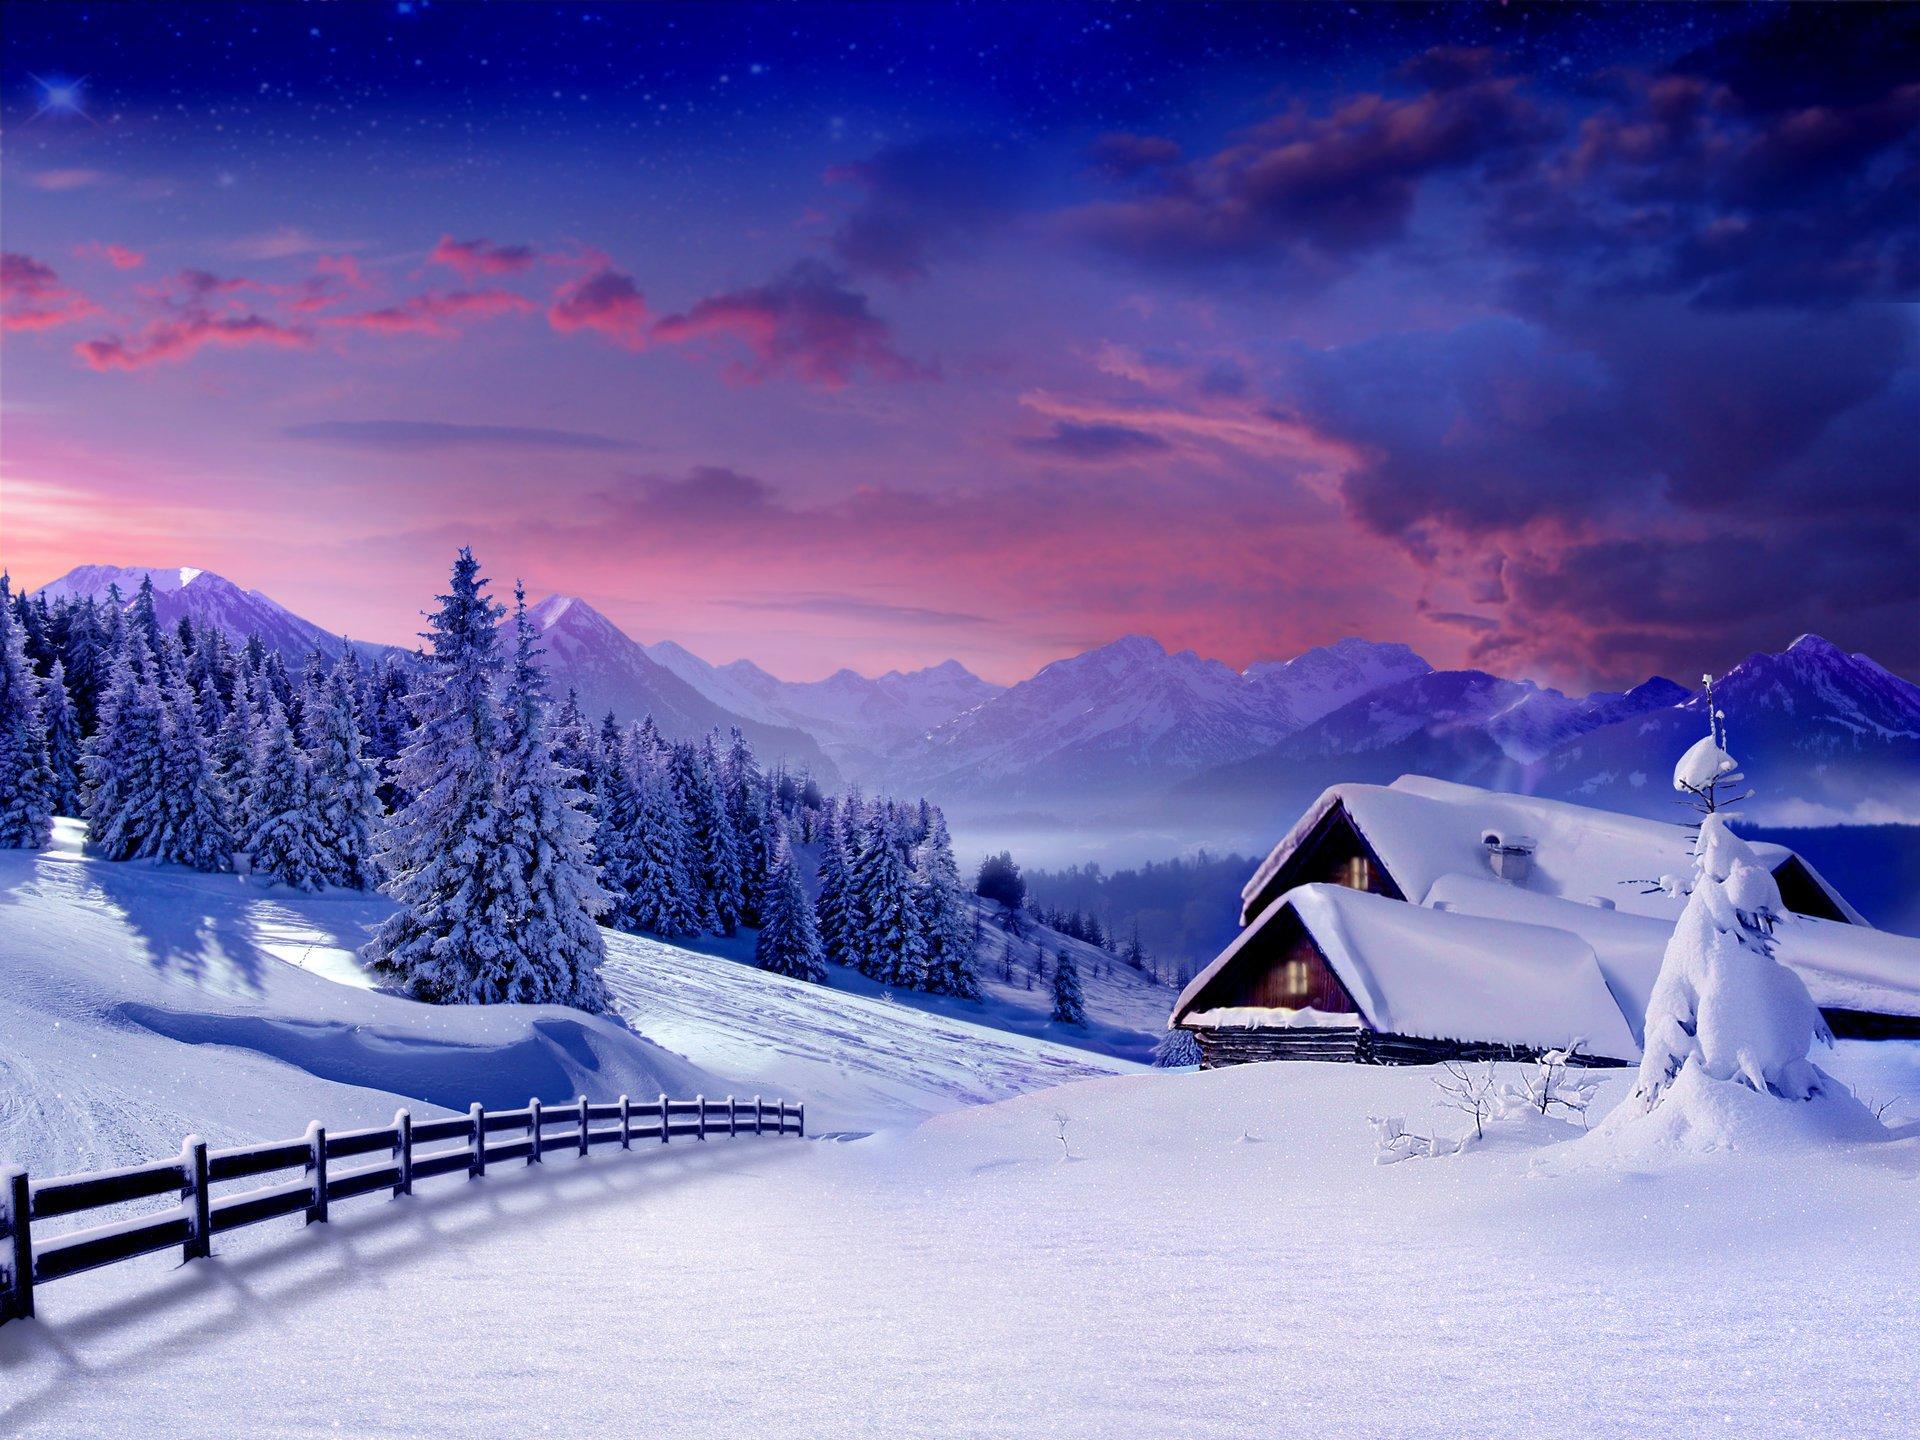 обои зима на рабочий стол пейзаж № 640720 загрузить